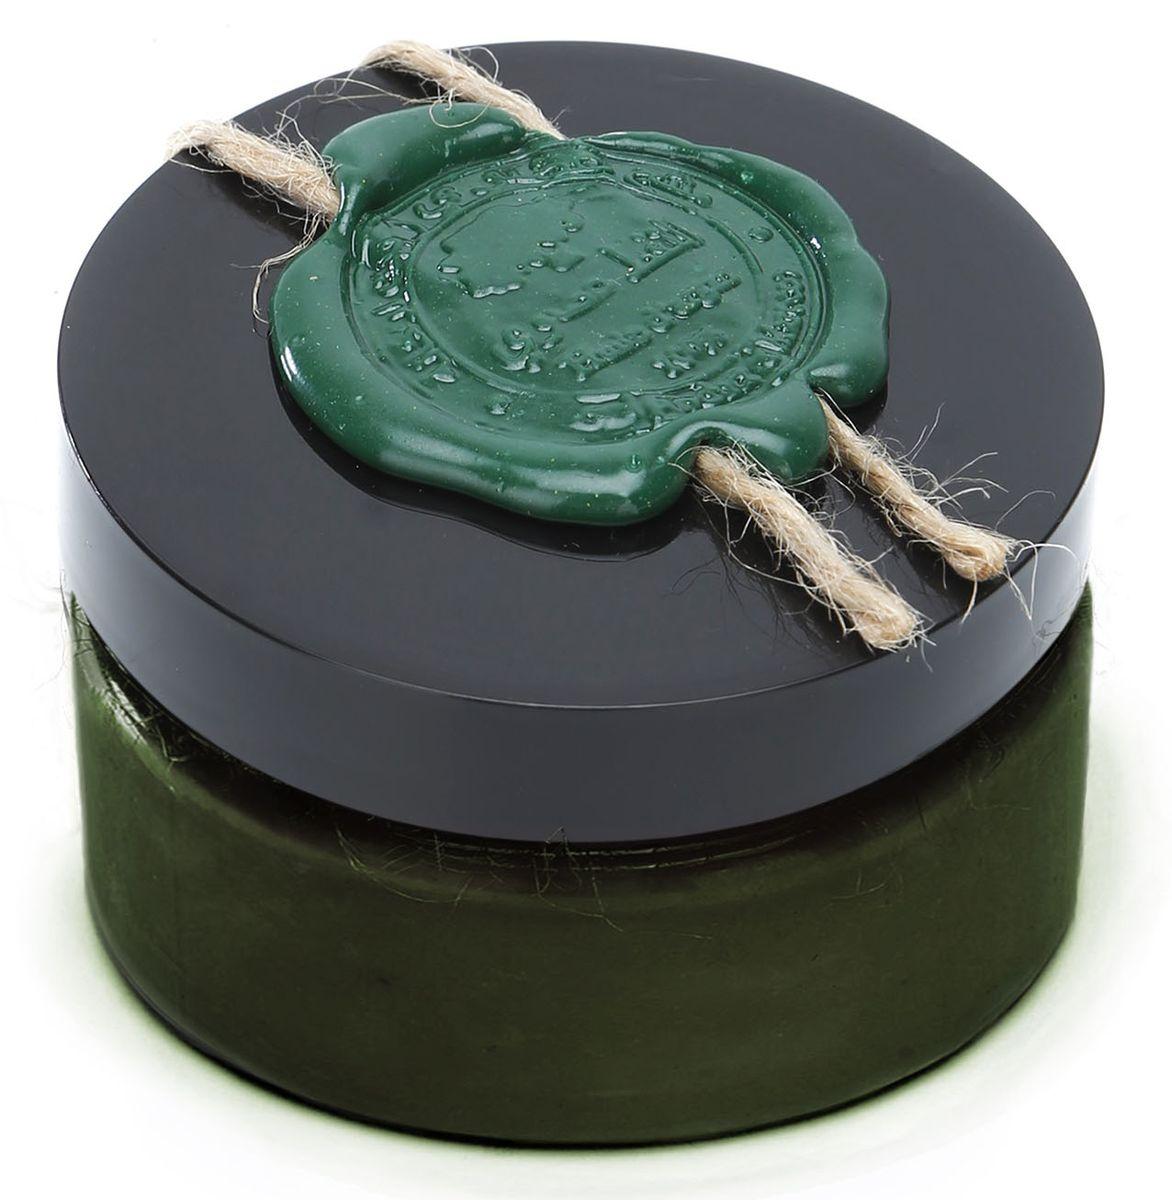 Huilargan Марокканское черное мыло Бельди с аргановым маслом, 50 г2990000004512Марокканское черное мыло Бельди обогащено аргановым маслом - это на все 100 натуральное косметическое мыло растительного происхождения. Это настоящее черное мыло - густая масса с приятным запахом, которая служит в 5 раз дольше аналогов, так как содержит меньше воды. Марокканское черное мыло - богато витамином Е, глубоко очищает кожу и поры, растворяет загрязнения и отмершие клетки; обладает увлажняющим, успокаивающим и смягчающим свойствами; подходит для всех типов кожи; не раздражает и не сушит кожу. В Марокко используют черное мыло в основном в хаммамах, но его также можно использовать в ванной.